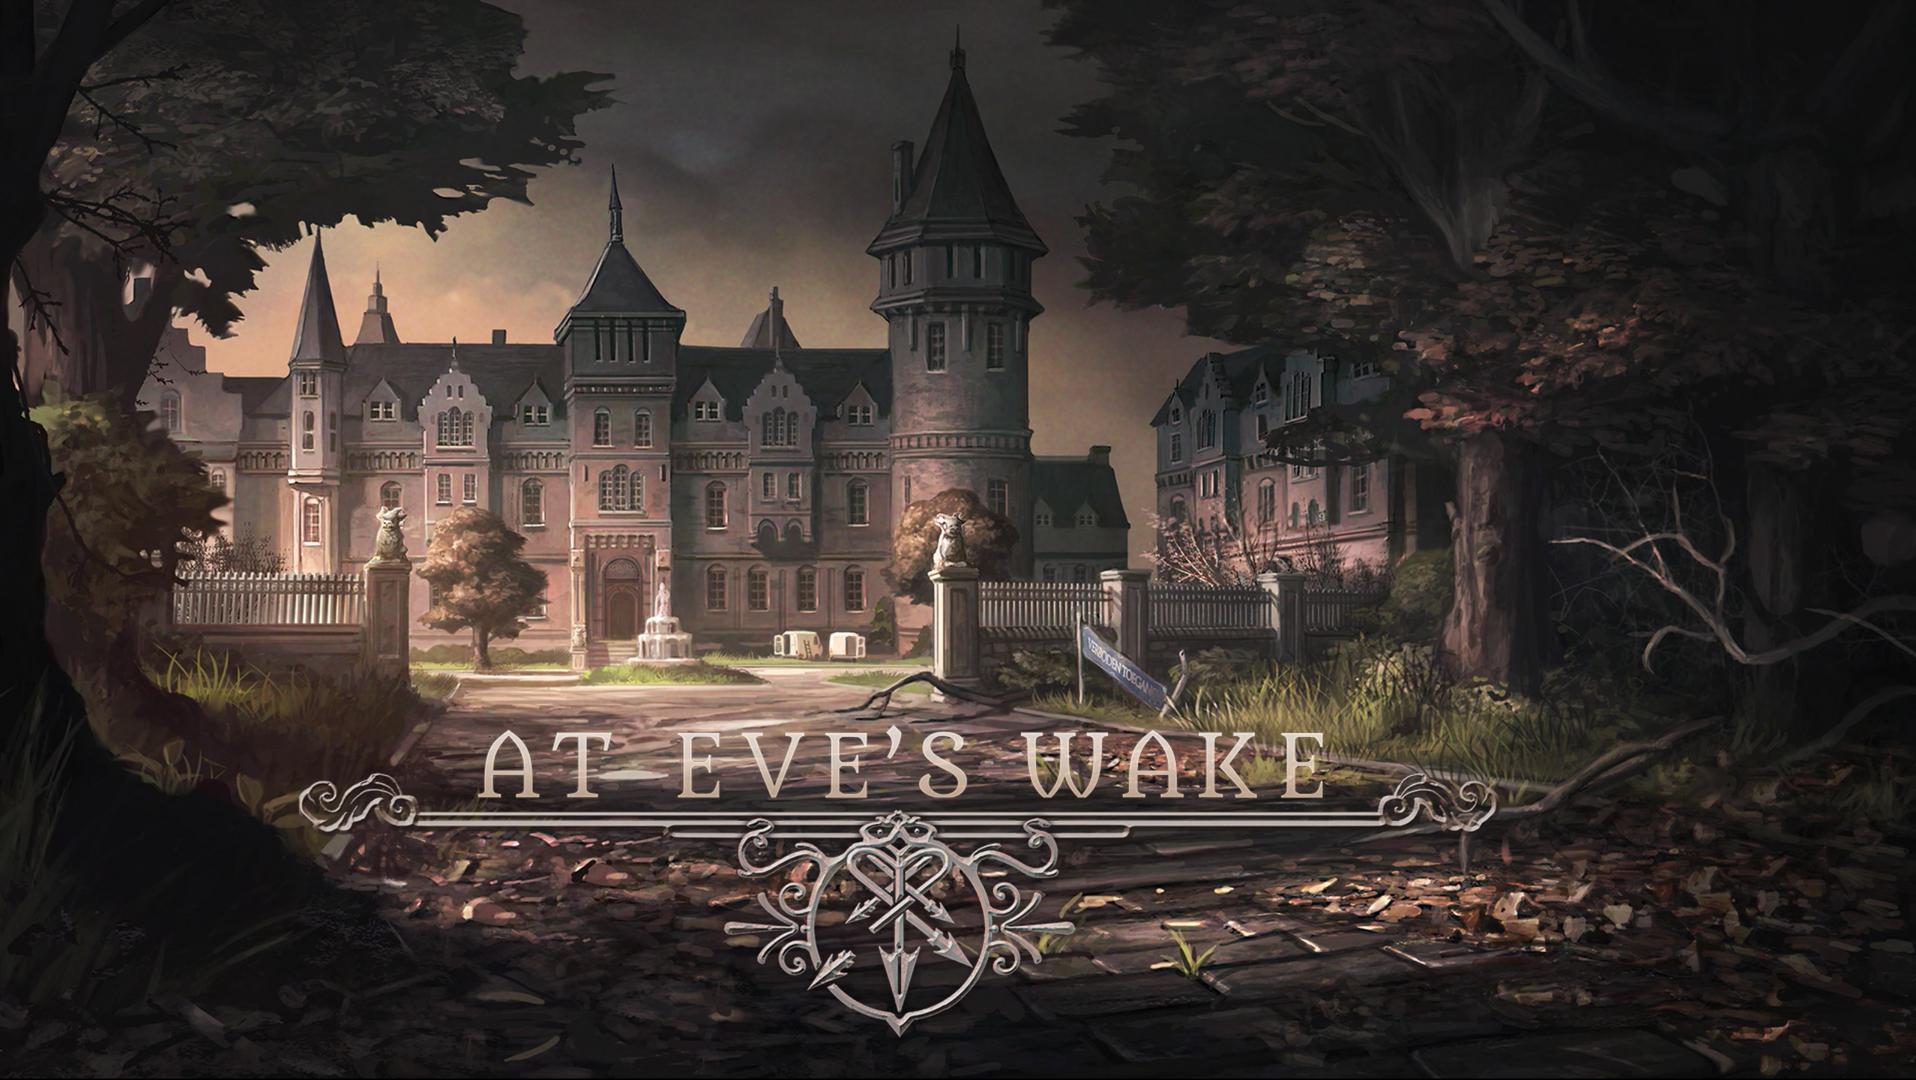 At Eve's Wake